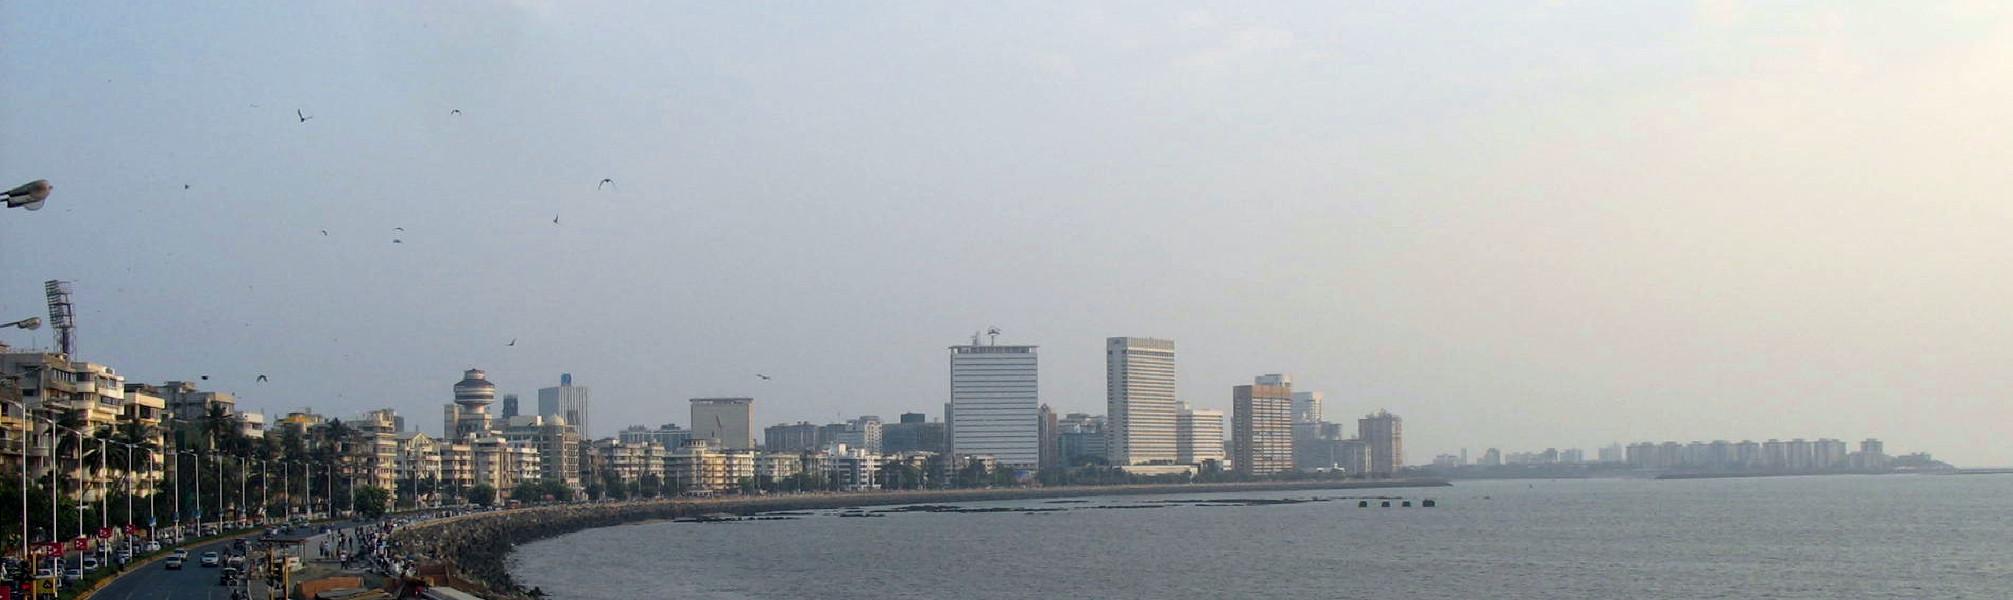 essay on our city mumbai